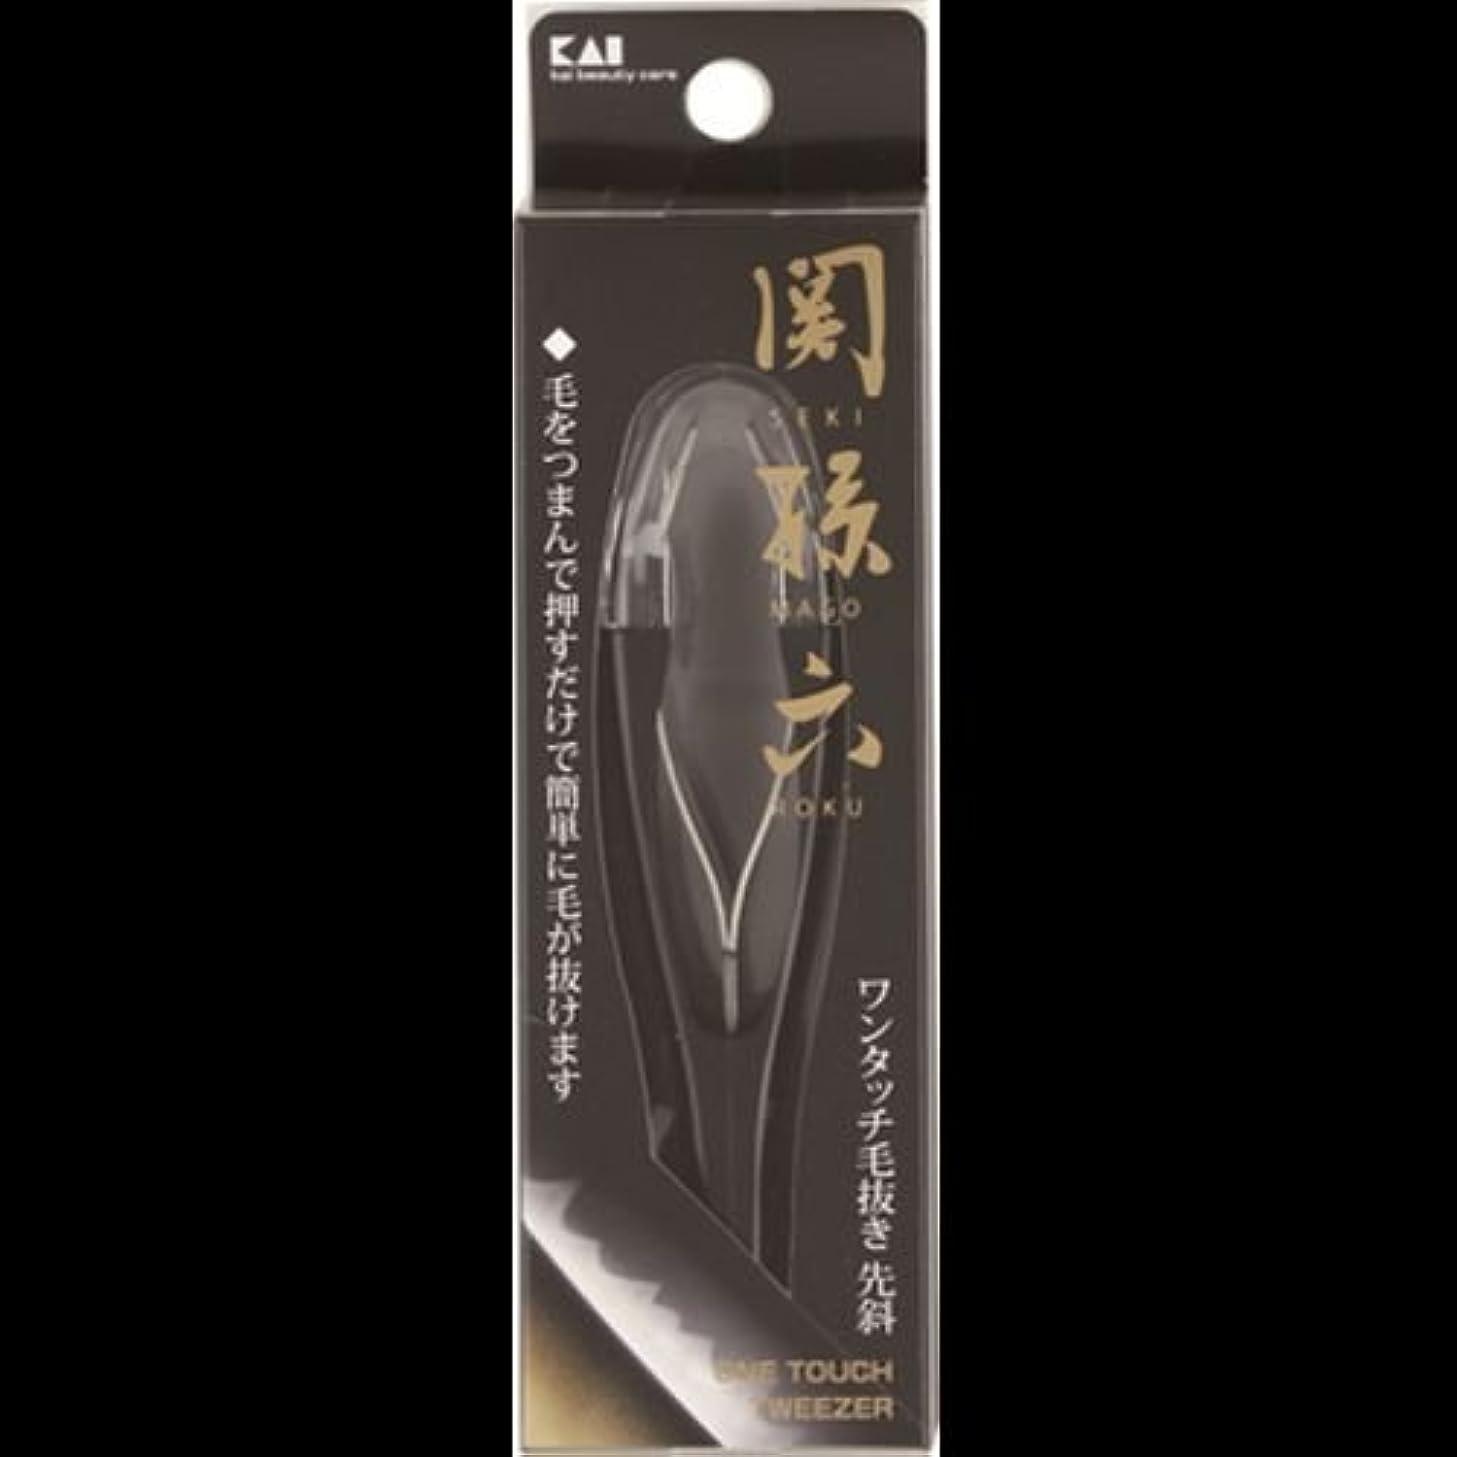 許さない特許外交問題【まとめ買い】関孫六 ワンタッチ毛抜き(先斜) ×2セット